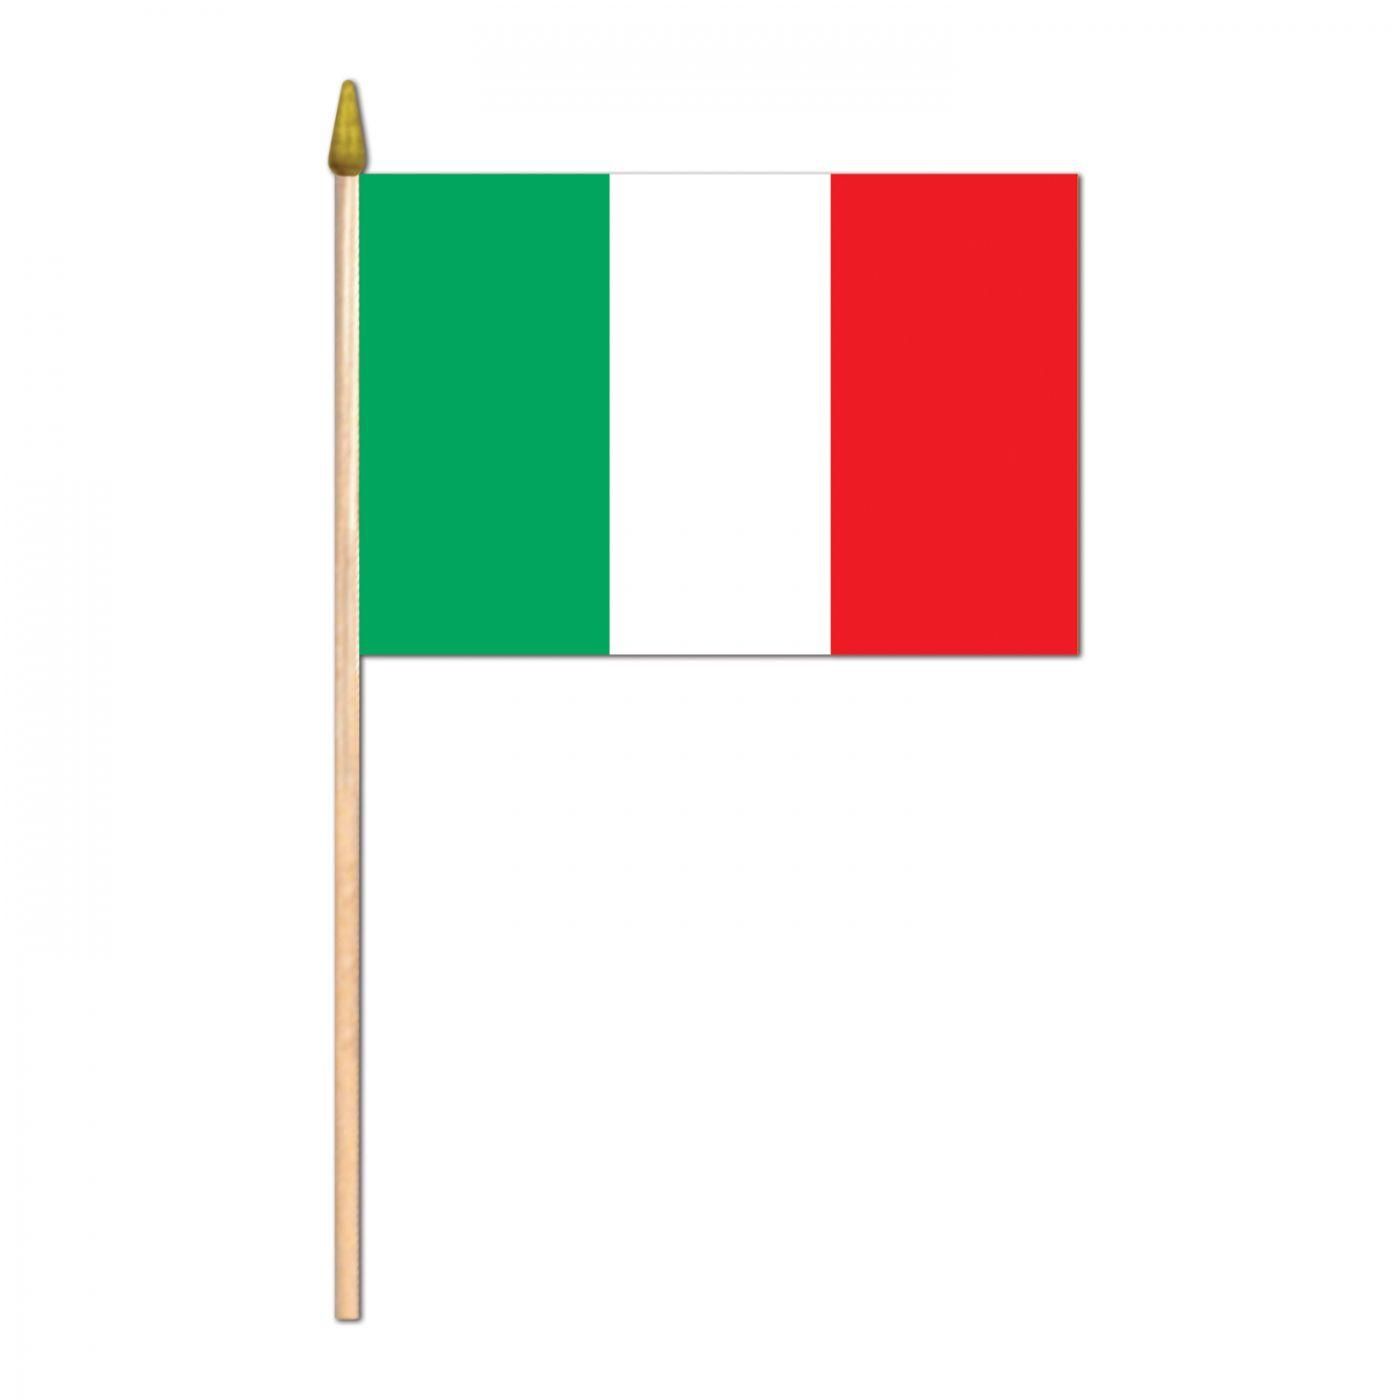 Italian Flag - Fabric image